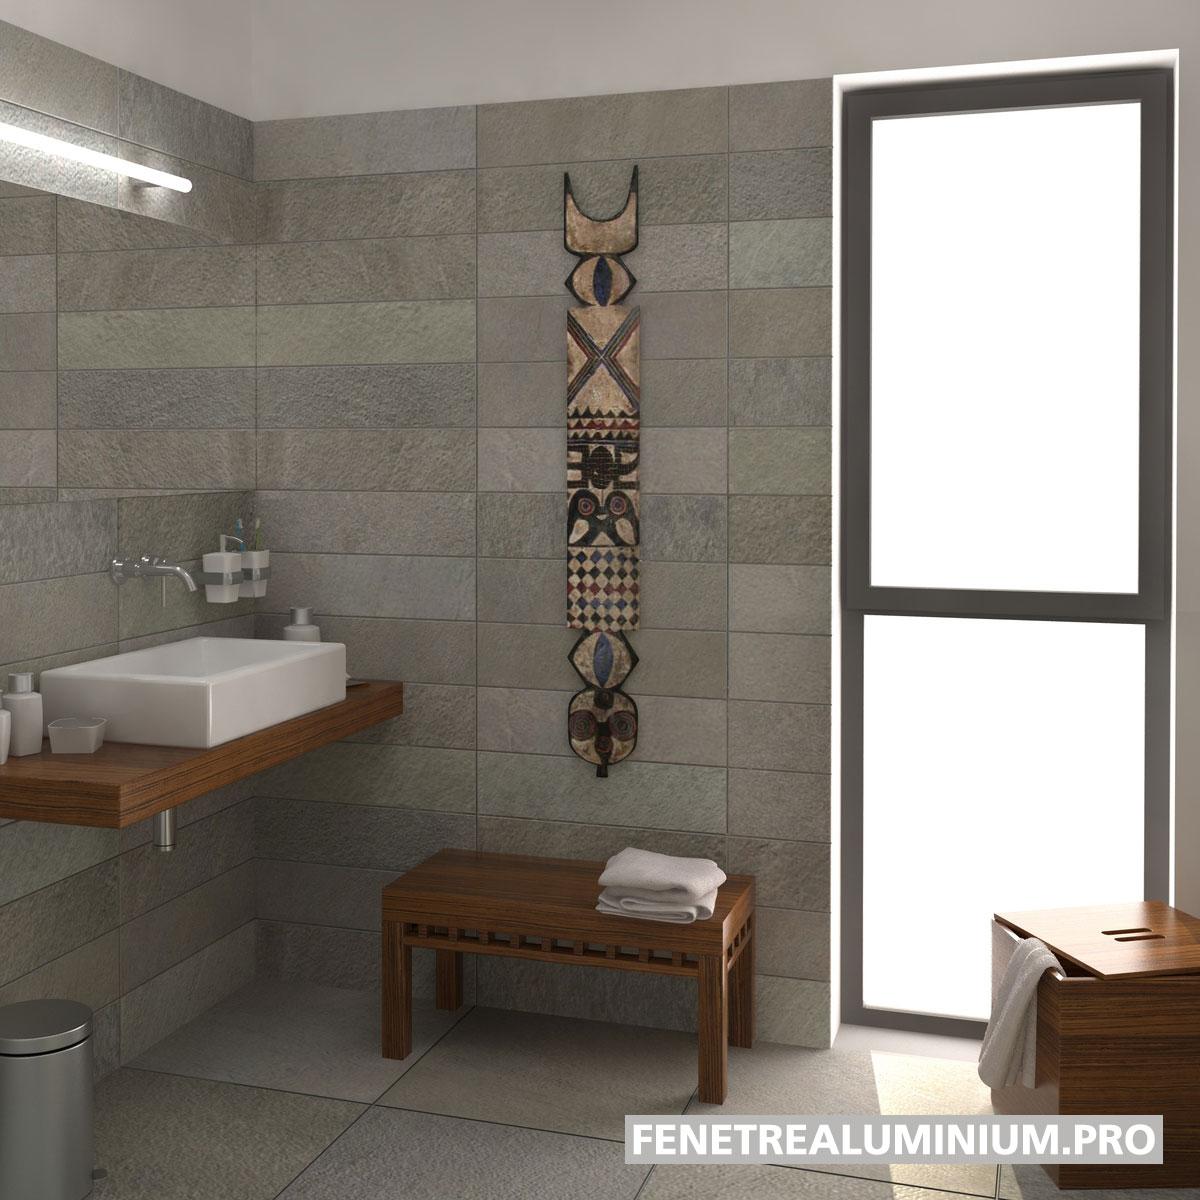 salle de bain fenetre lumiere